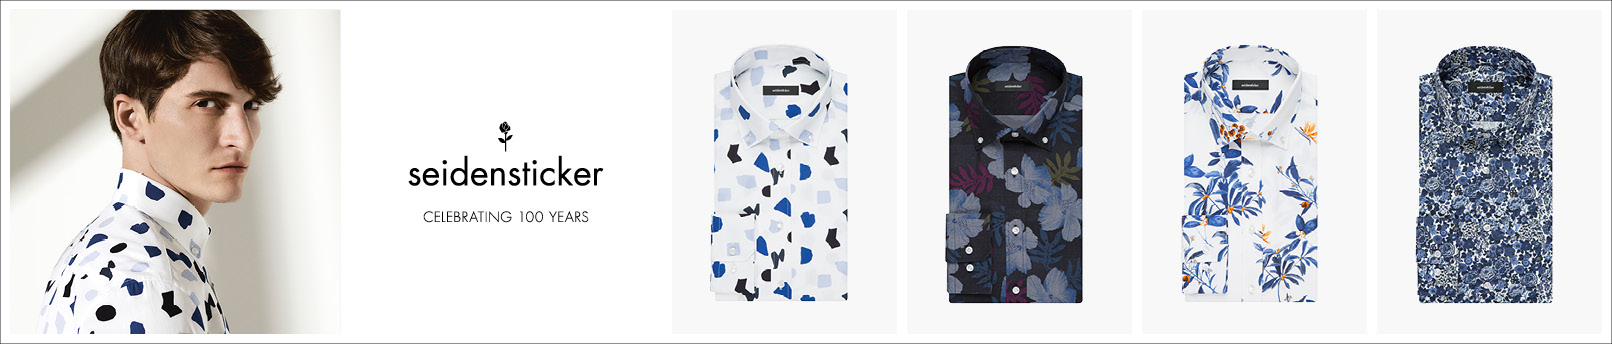 Overhemd Voor Hem.Heren Overhemden Online Kopen Zalando